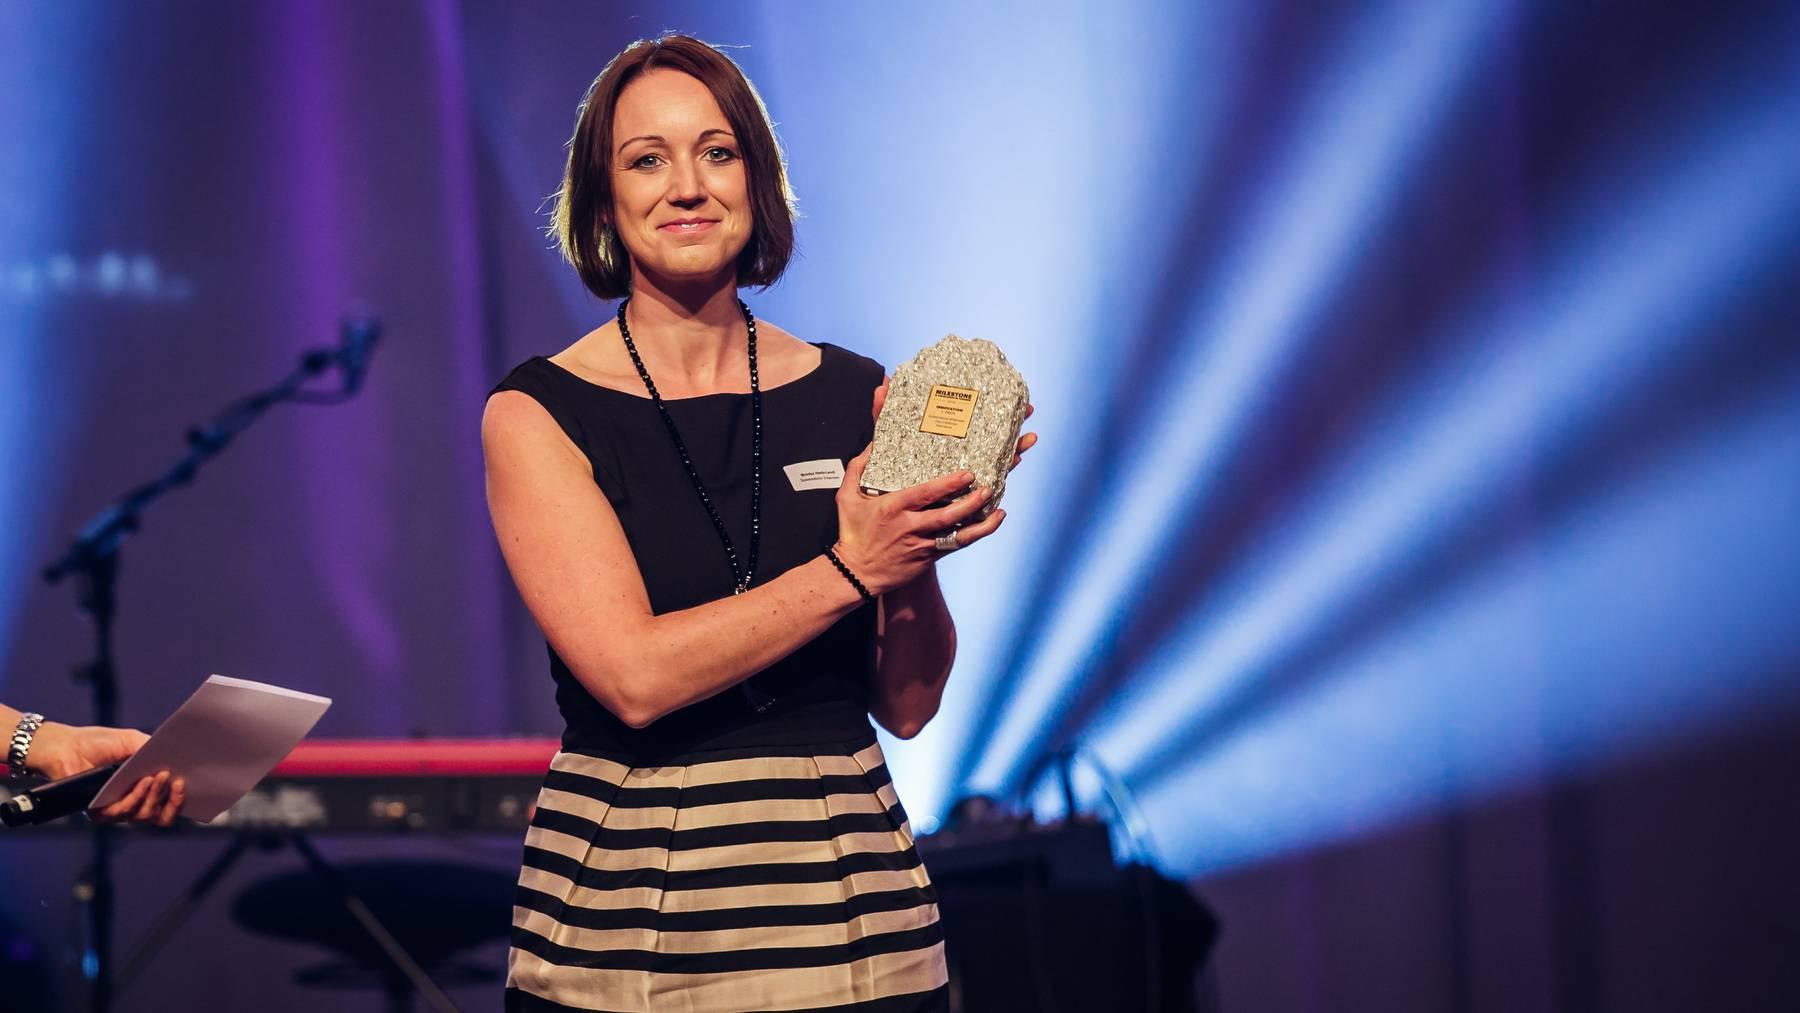 Monika Heeb-Lendi, Präsidentin des Vereins Spielerlebnis Walensee, durfte den Preis entgegennehmen.